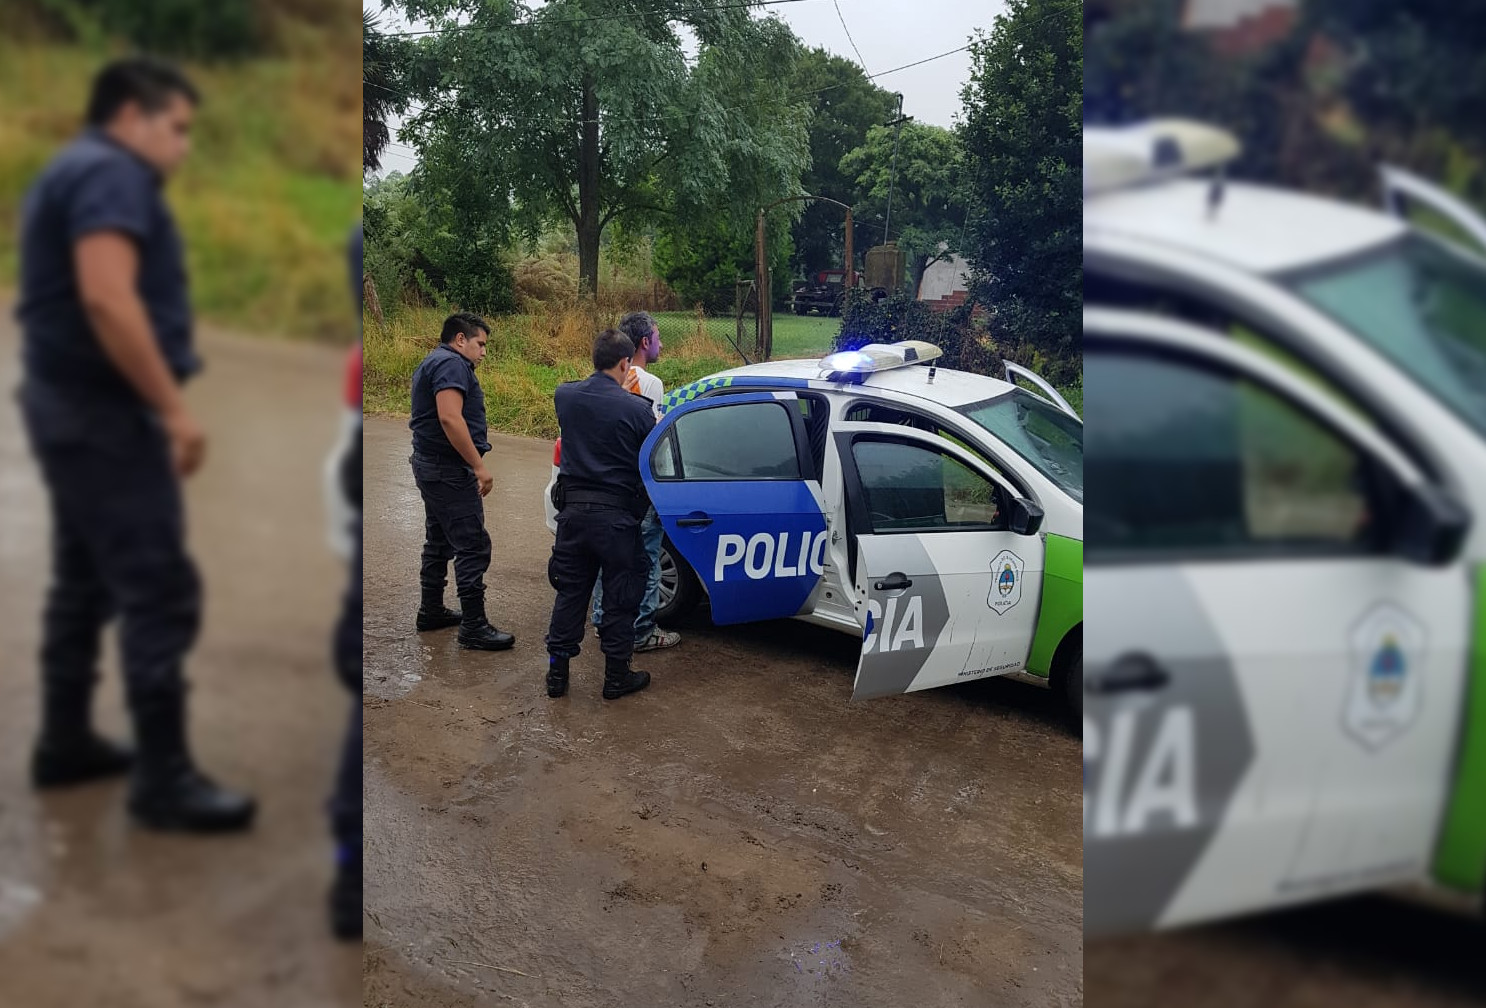 CNEL VIDAL: Detienen a un sujeto que ingresó violentamente a su vivienda y amenazó a su mujer e hijos